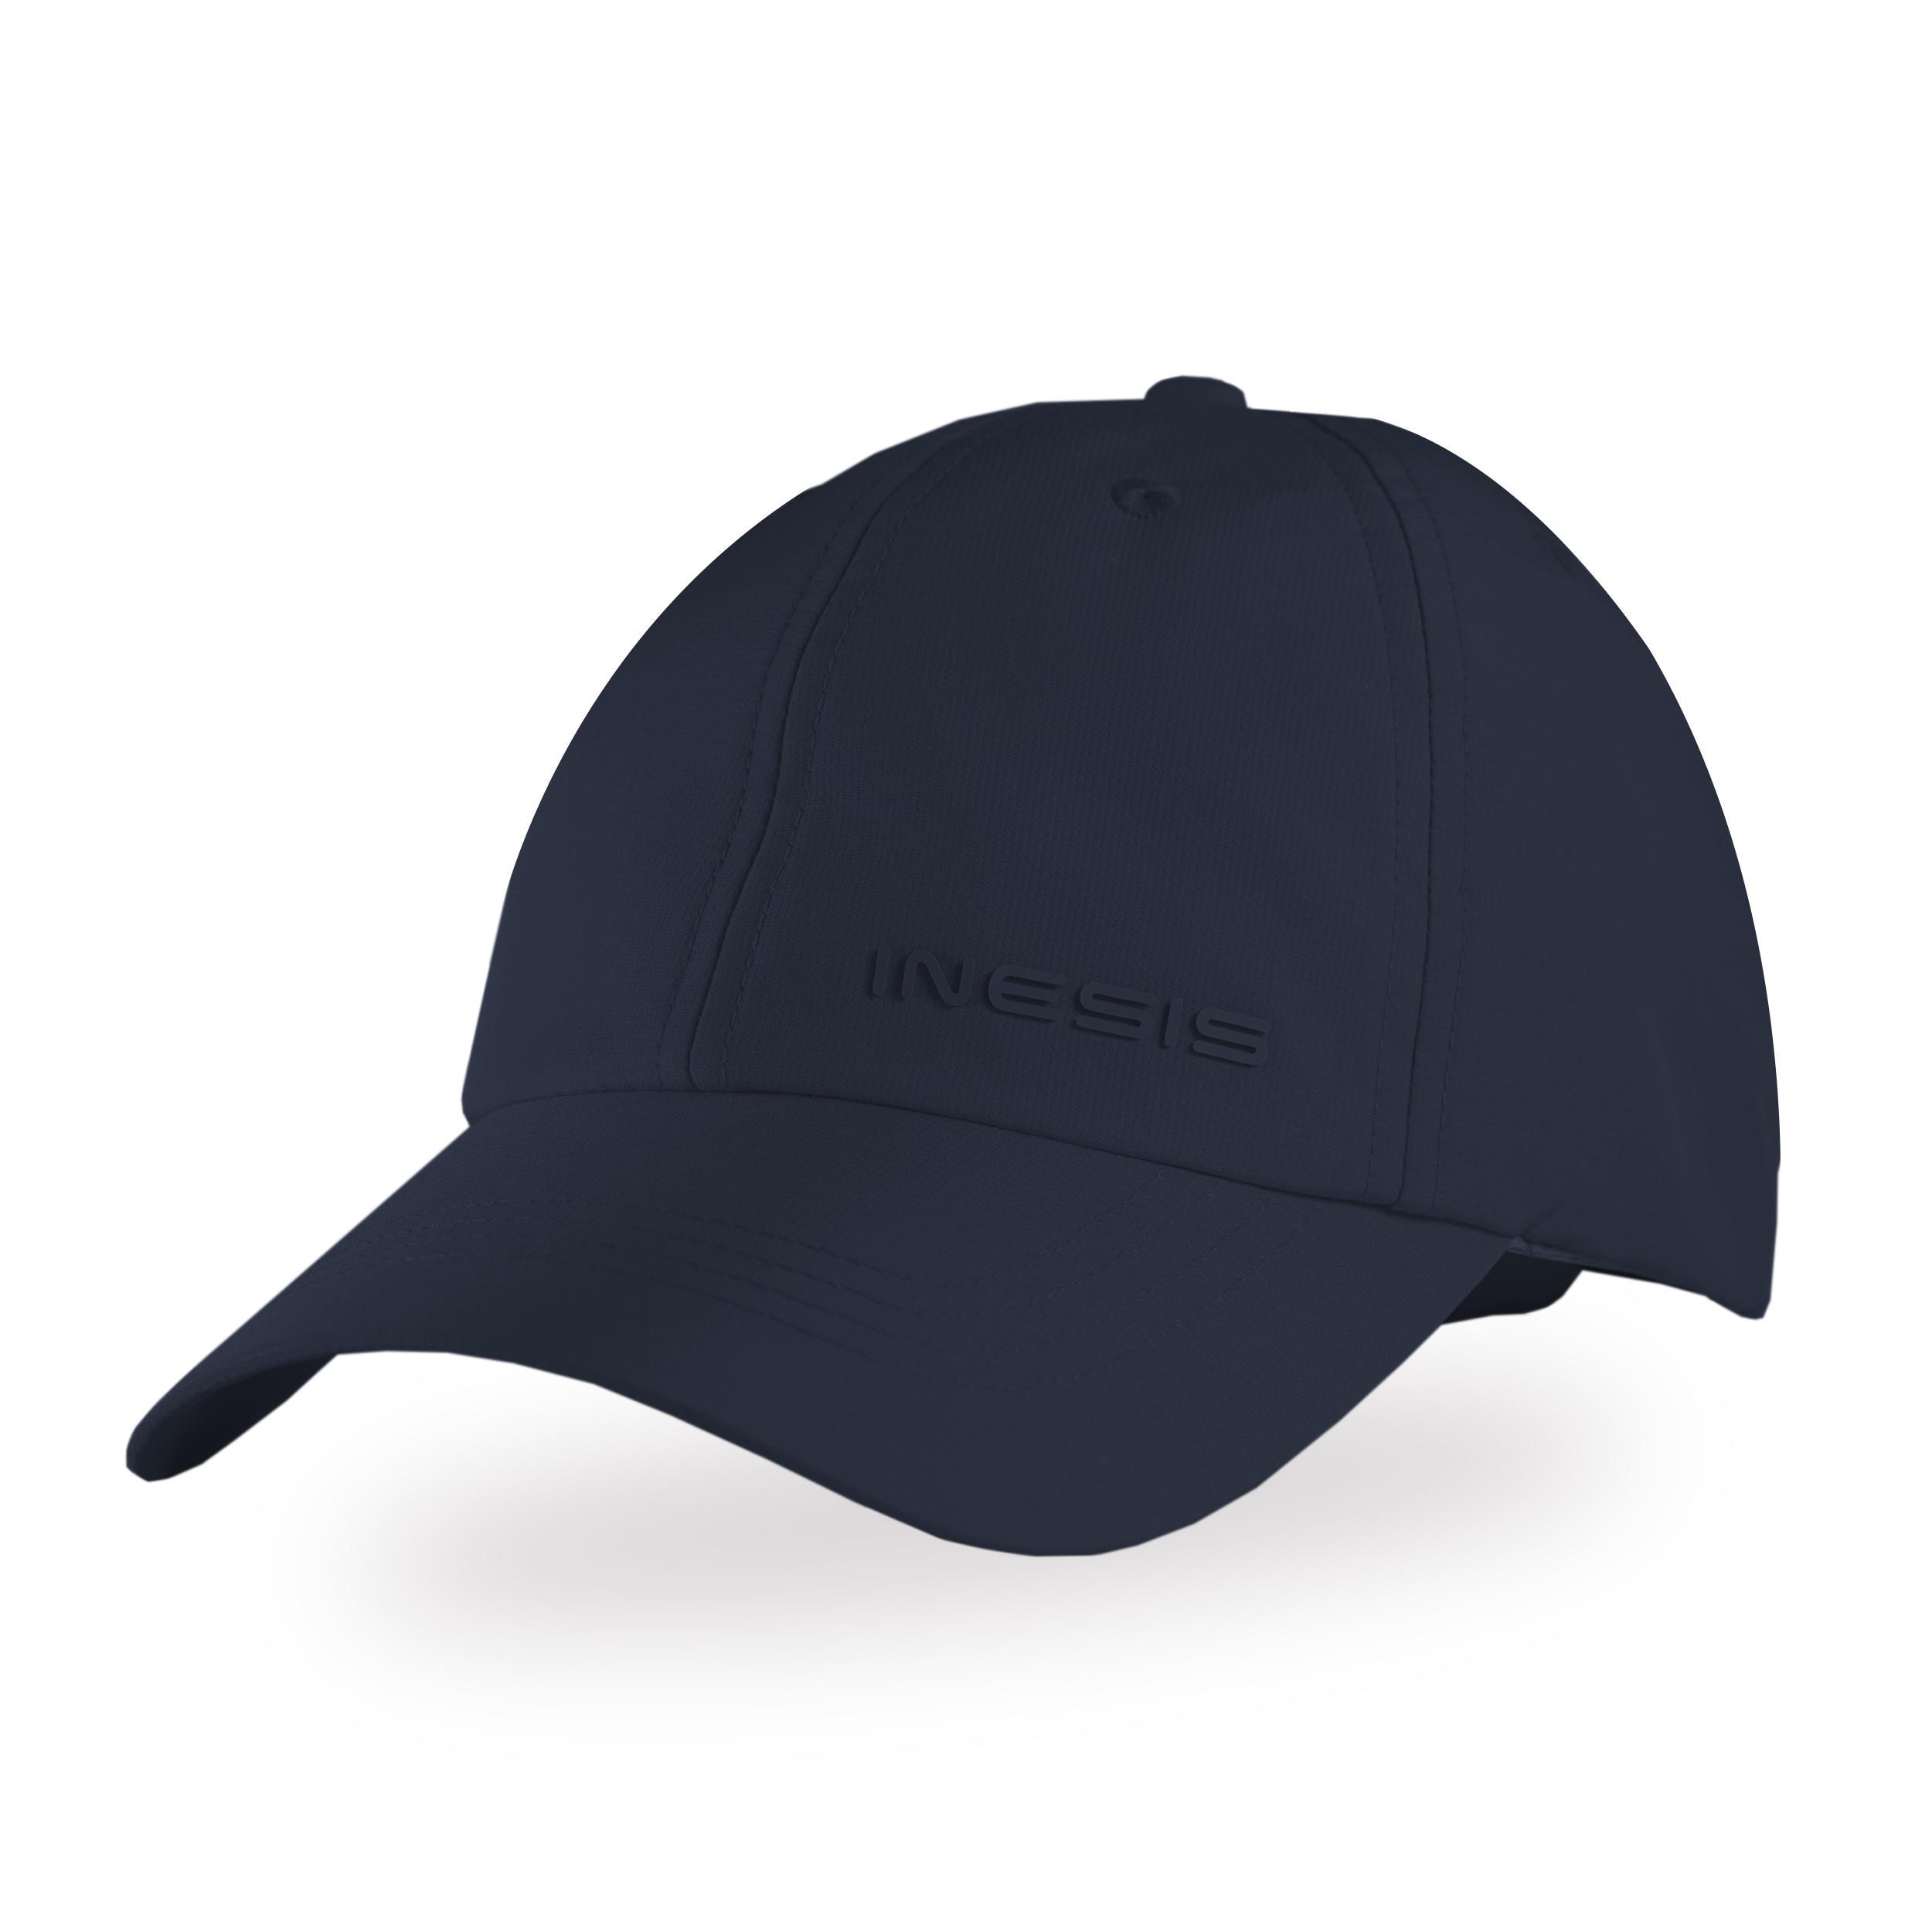 Comprar Gorras y Viseras de Golf online  70b659defde